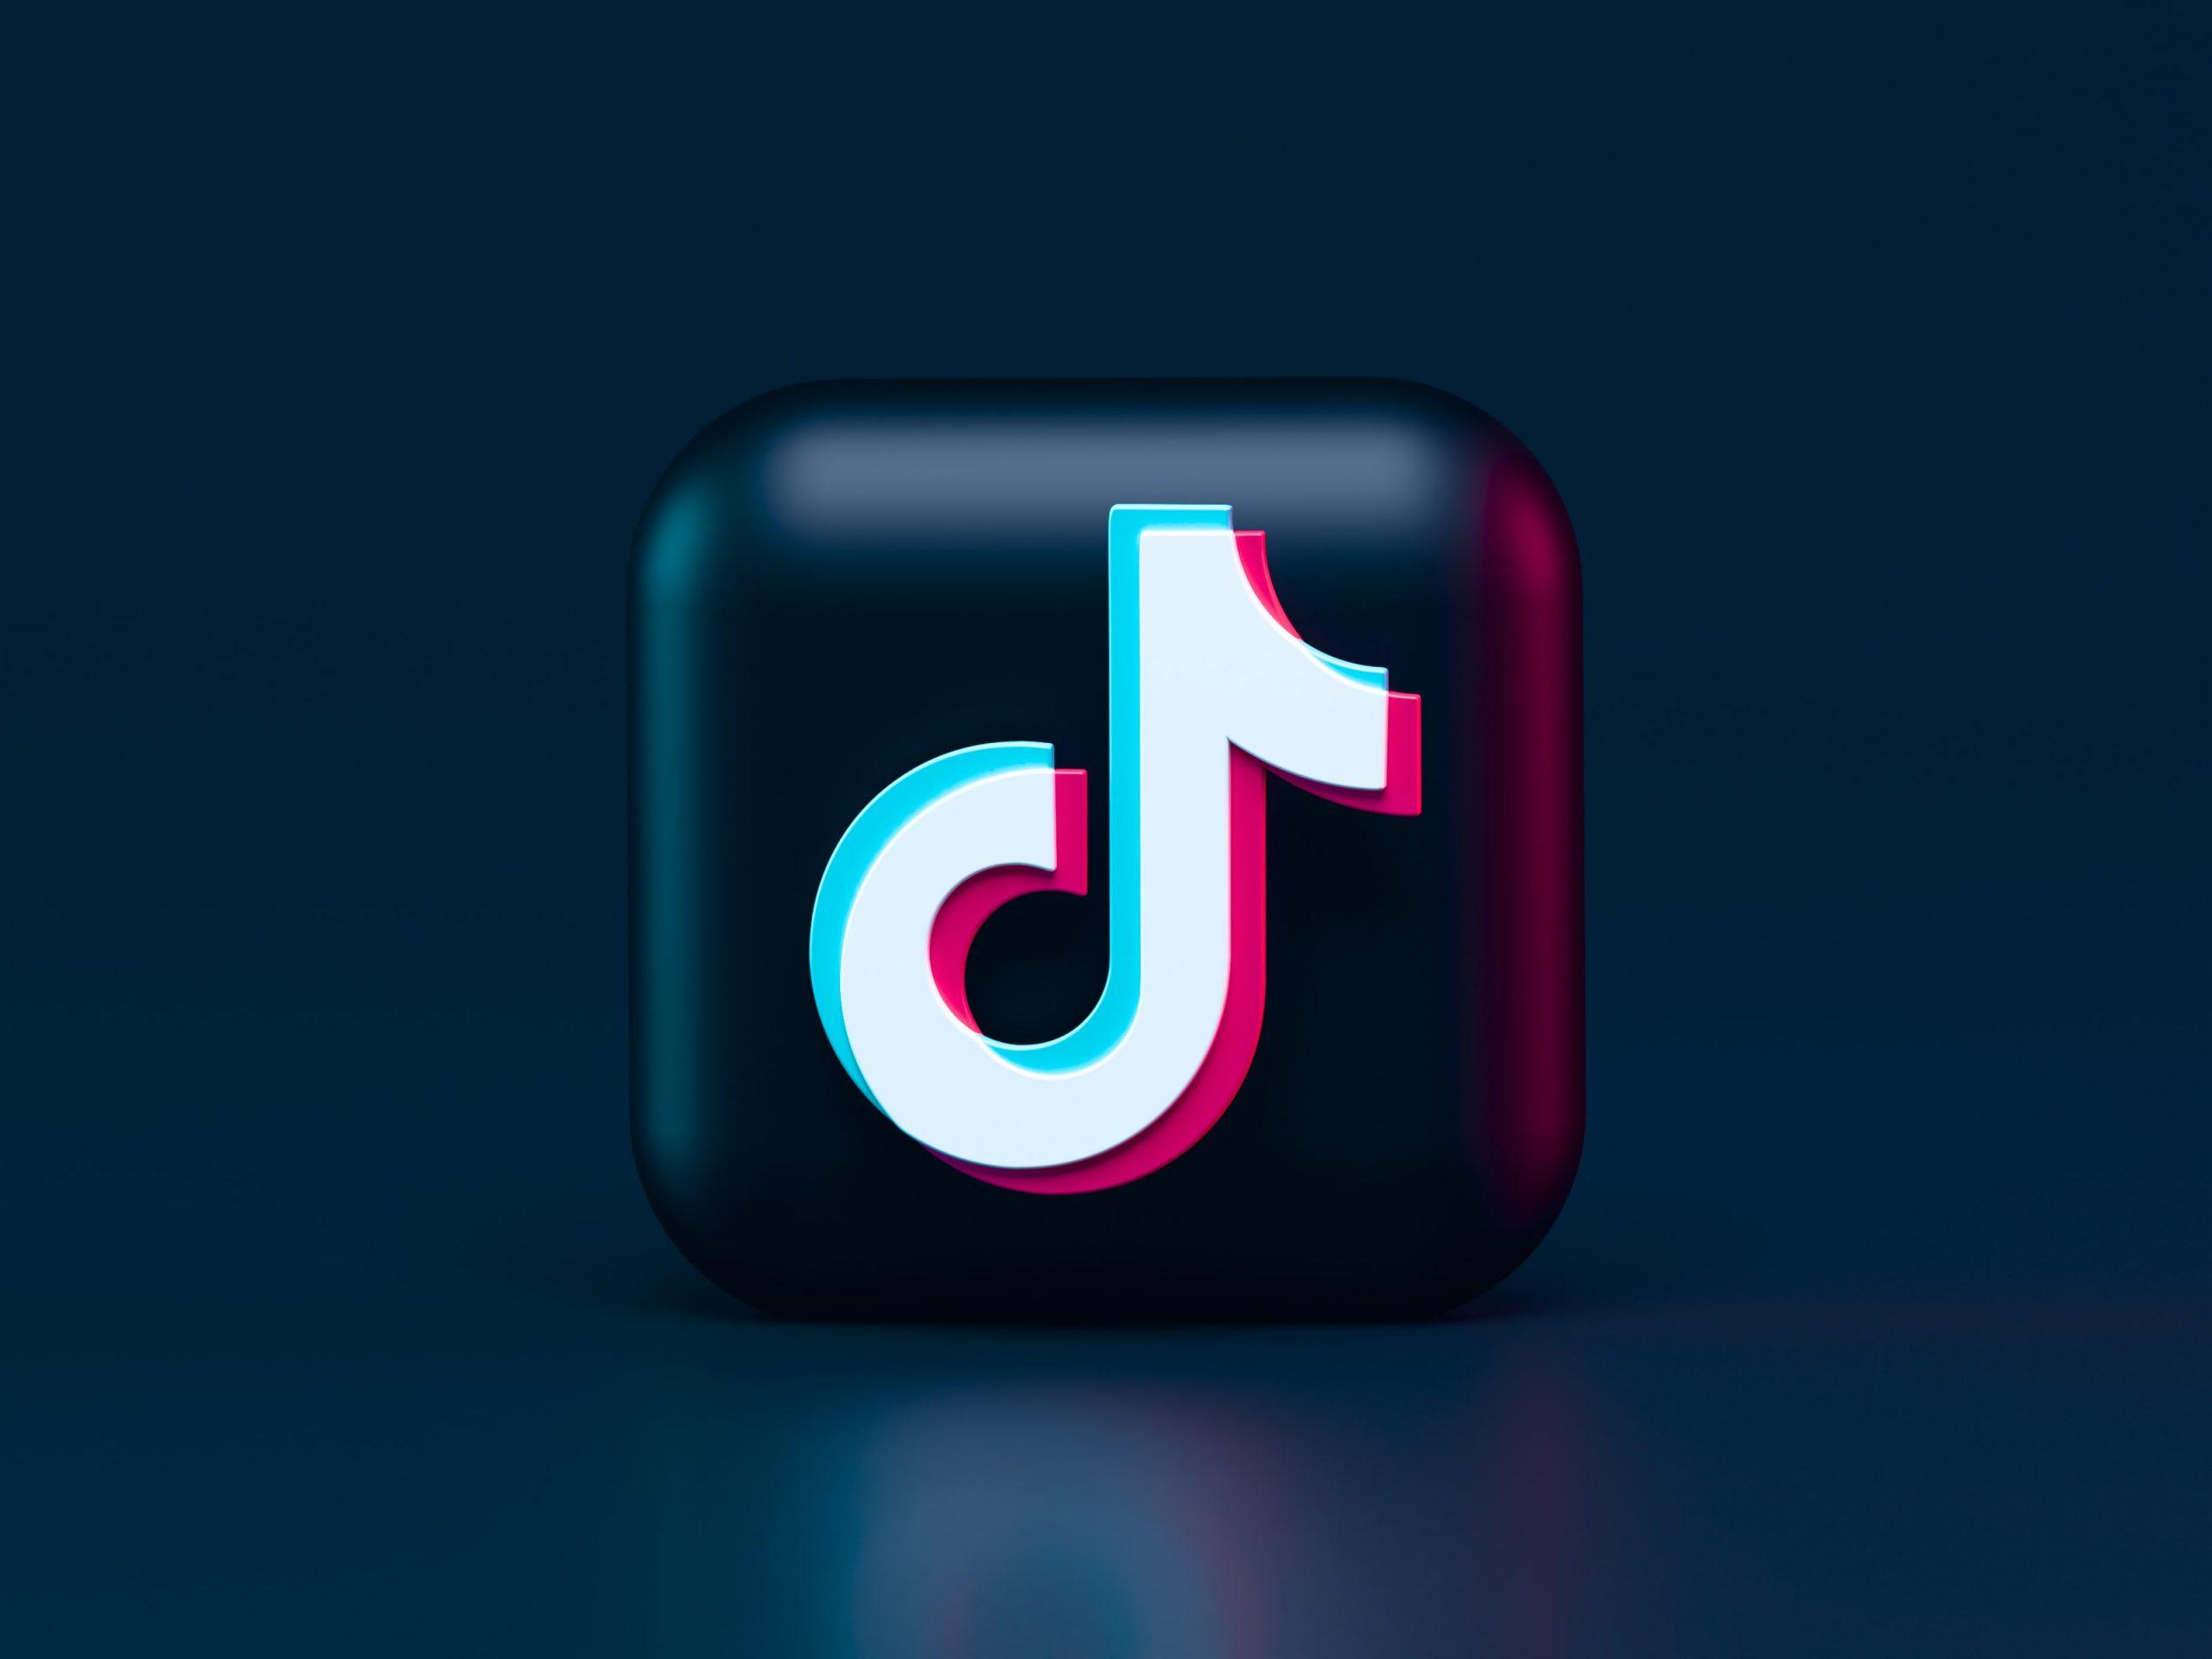 TikTok ultrapassa Facebook e torna-se a rede social com mais downloads